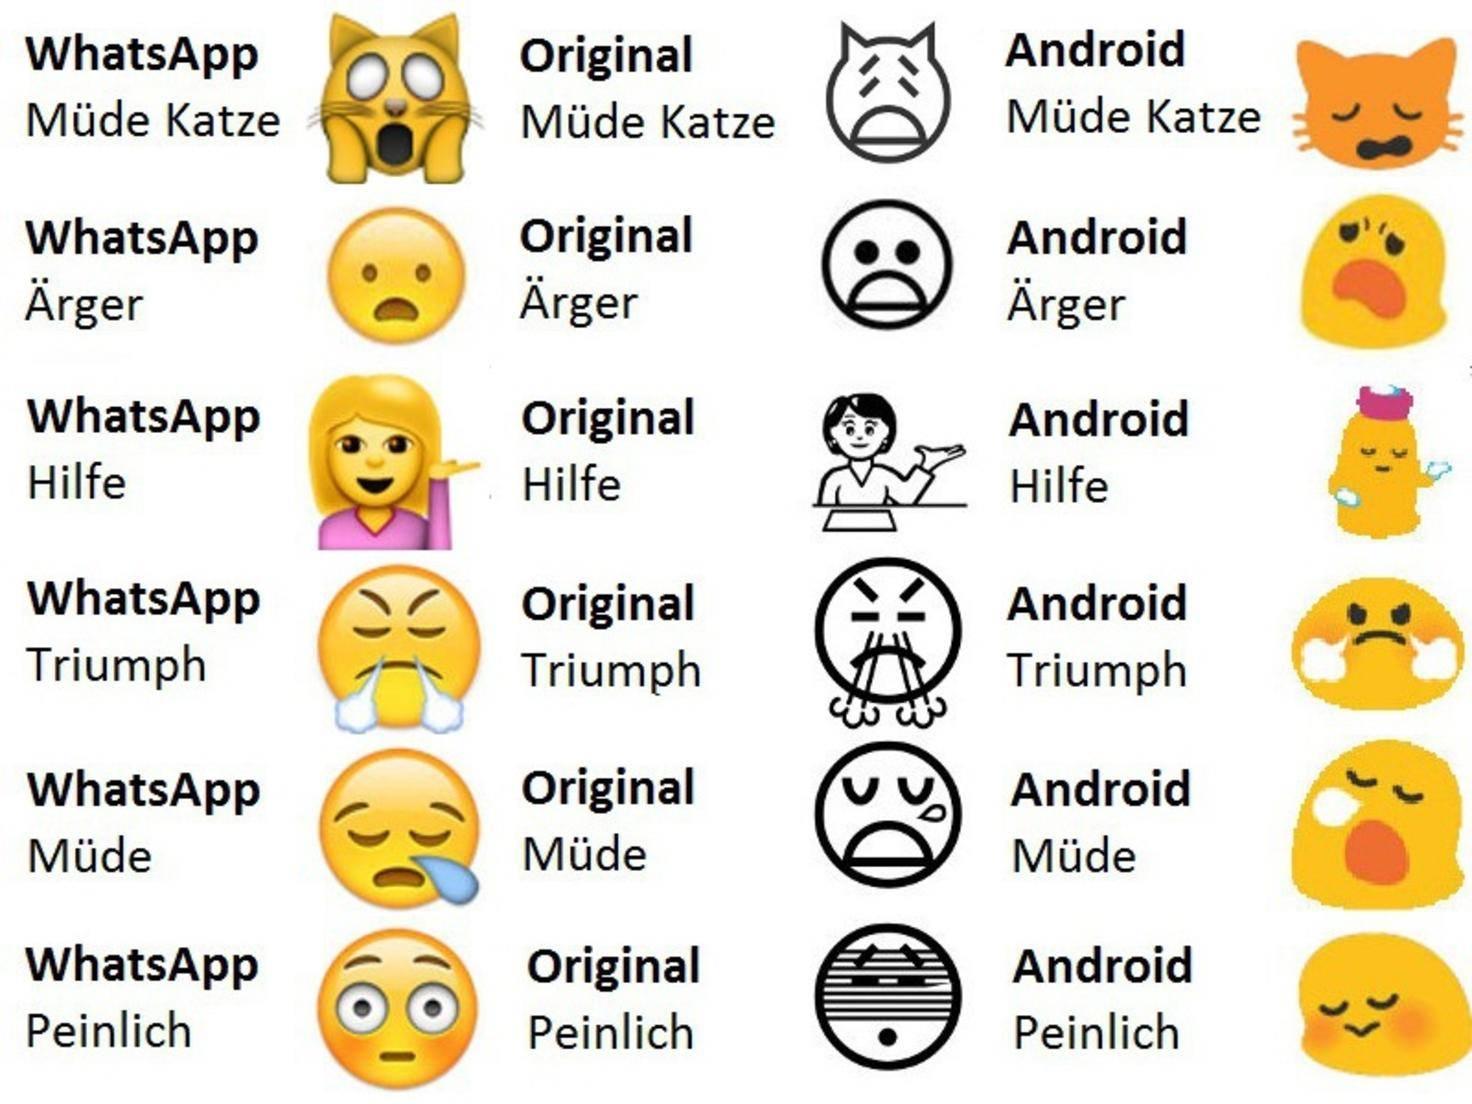 10 merkwürdige WhatsApp-Emojis und ihre wahre Bedeutung